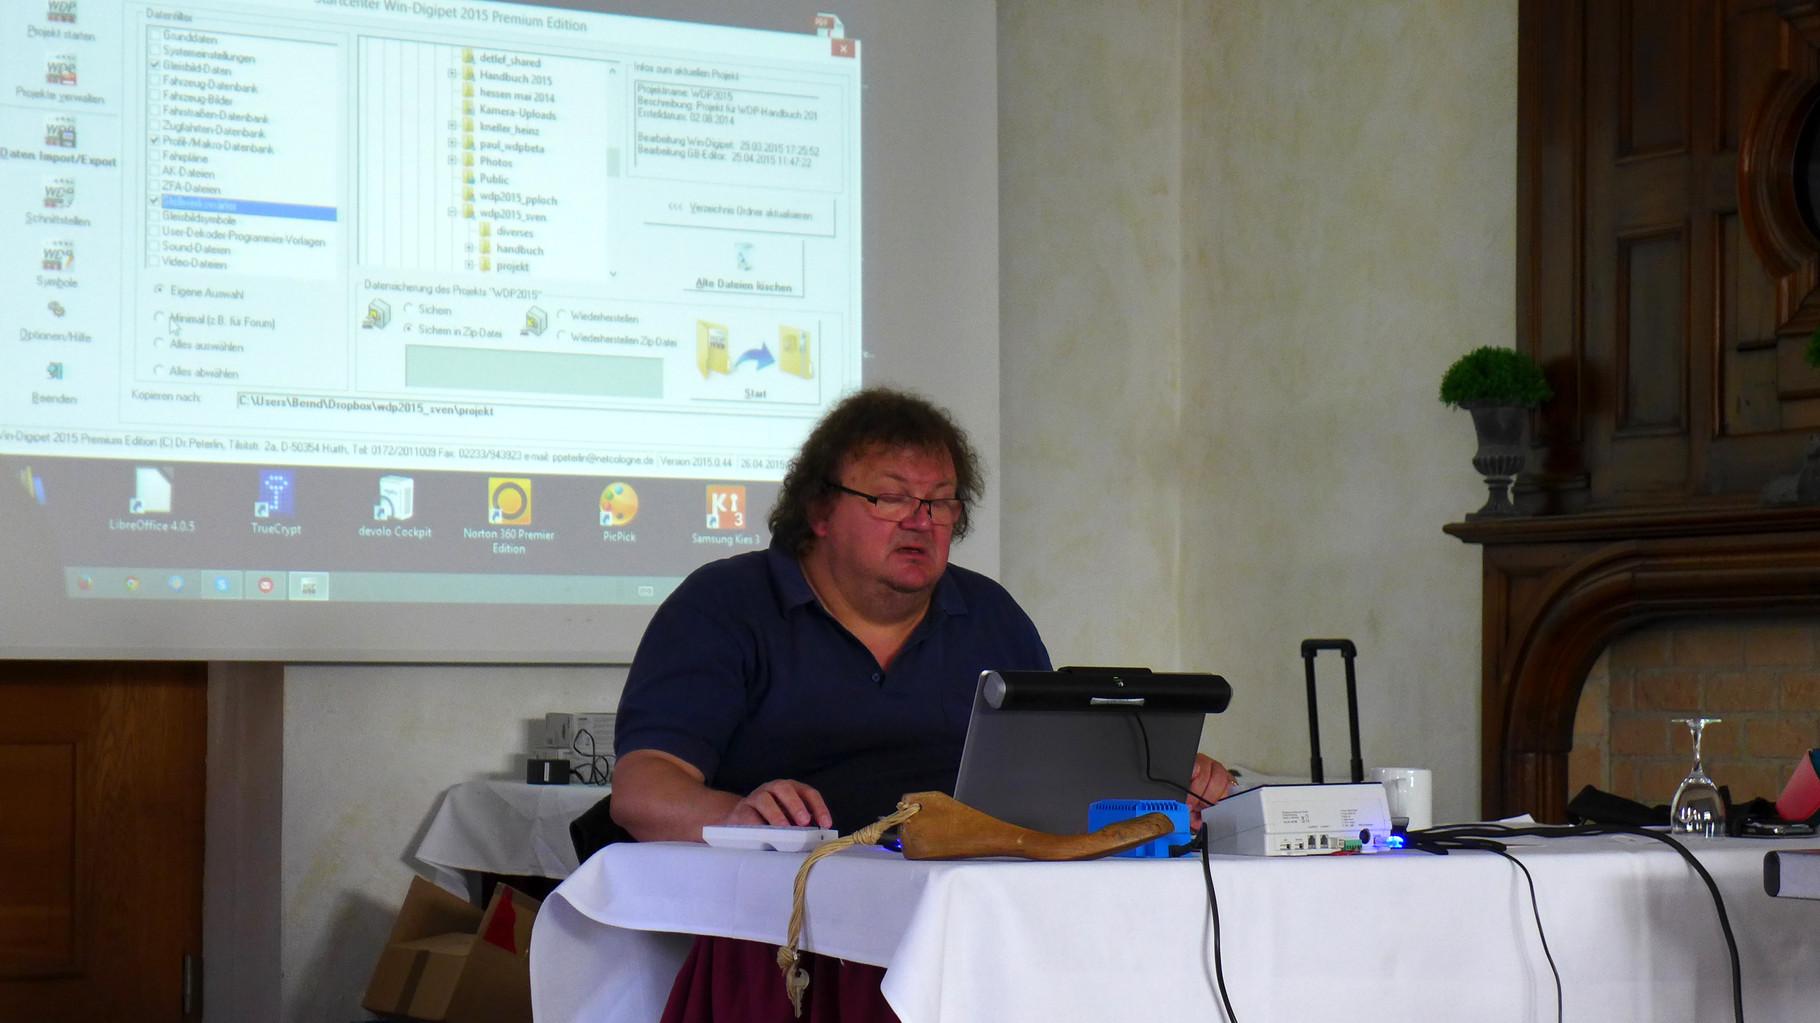 Betatester Bernd Senger stellt das neue Programm vor